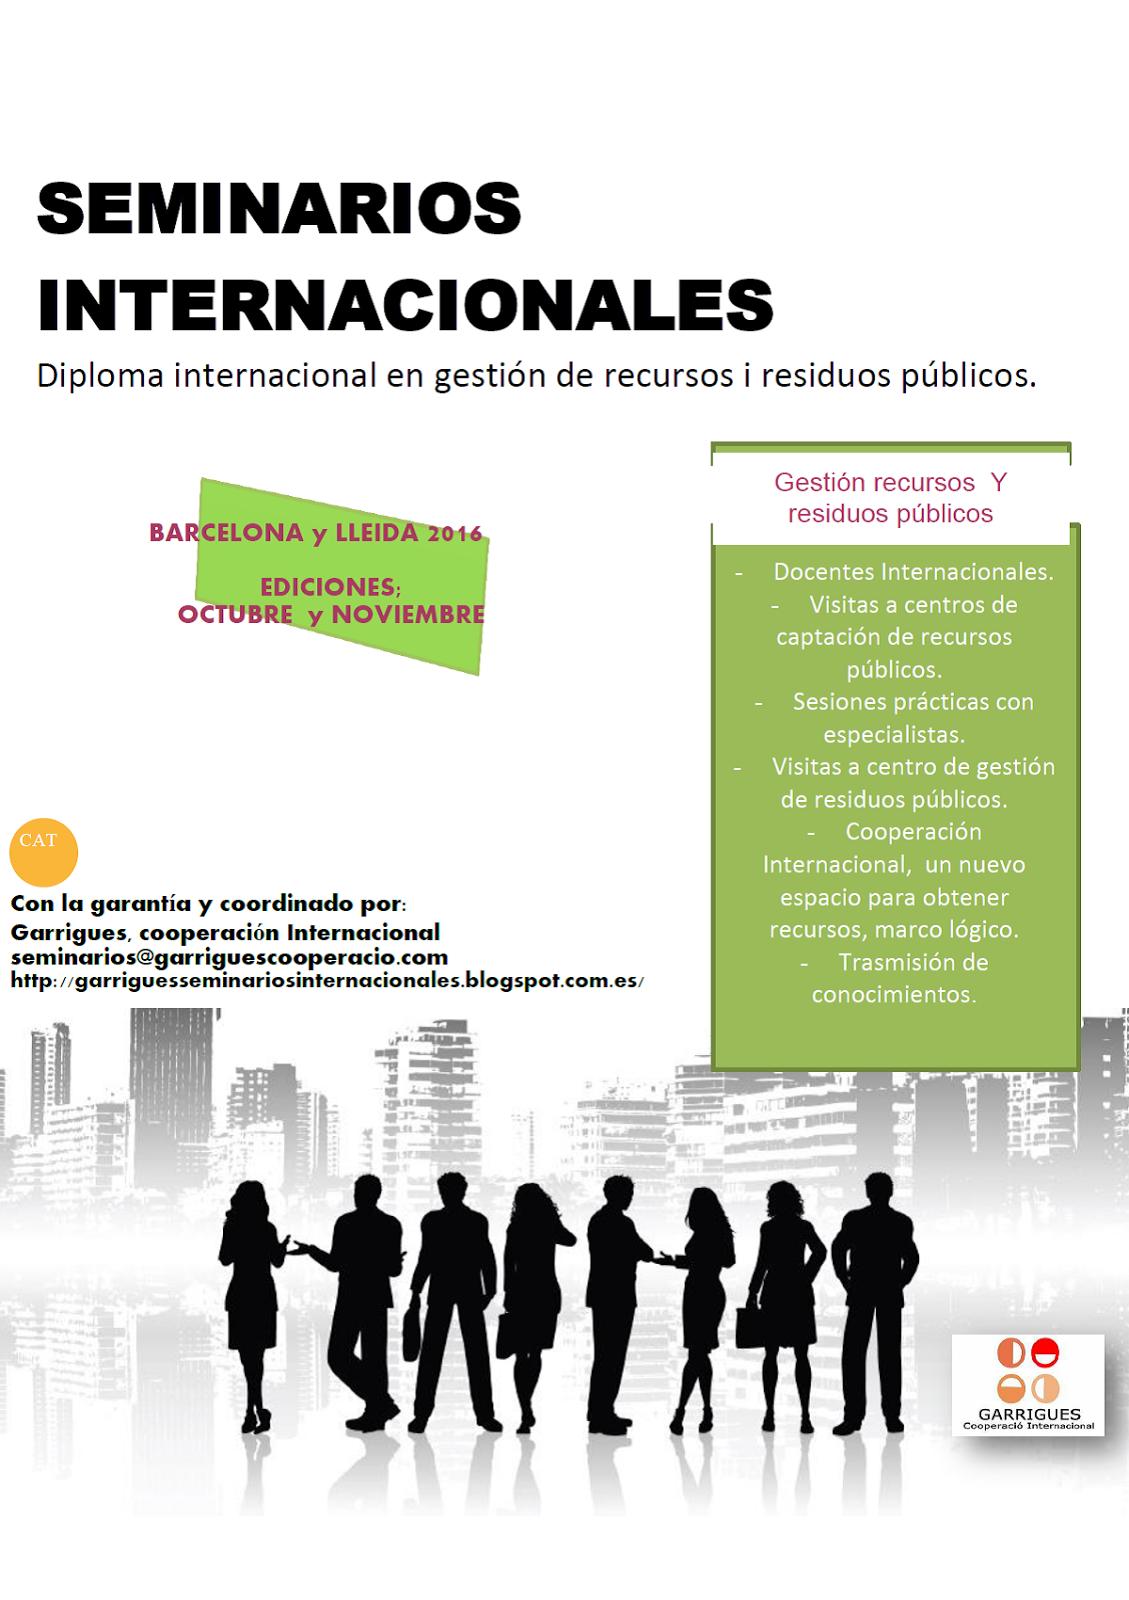 NUMEVOS SEMINARIOS INTERNACIONALES PARA EL 2016